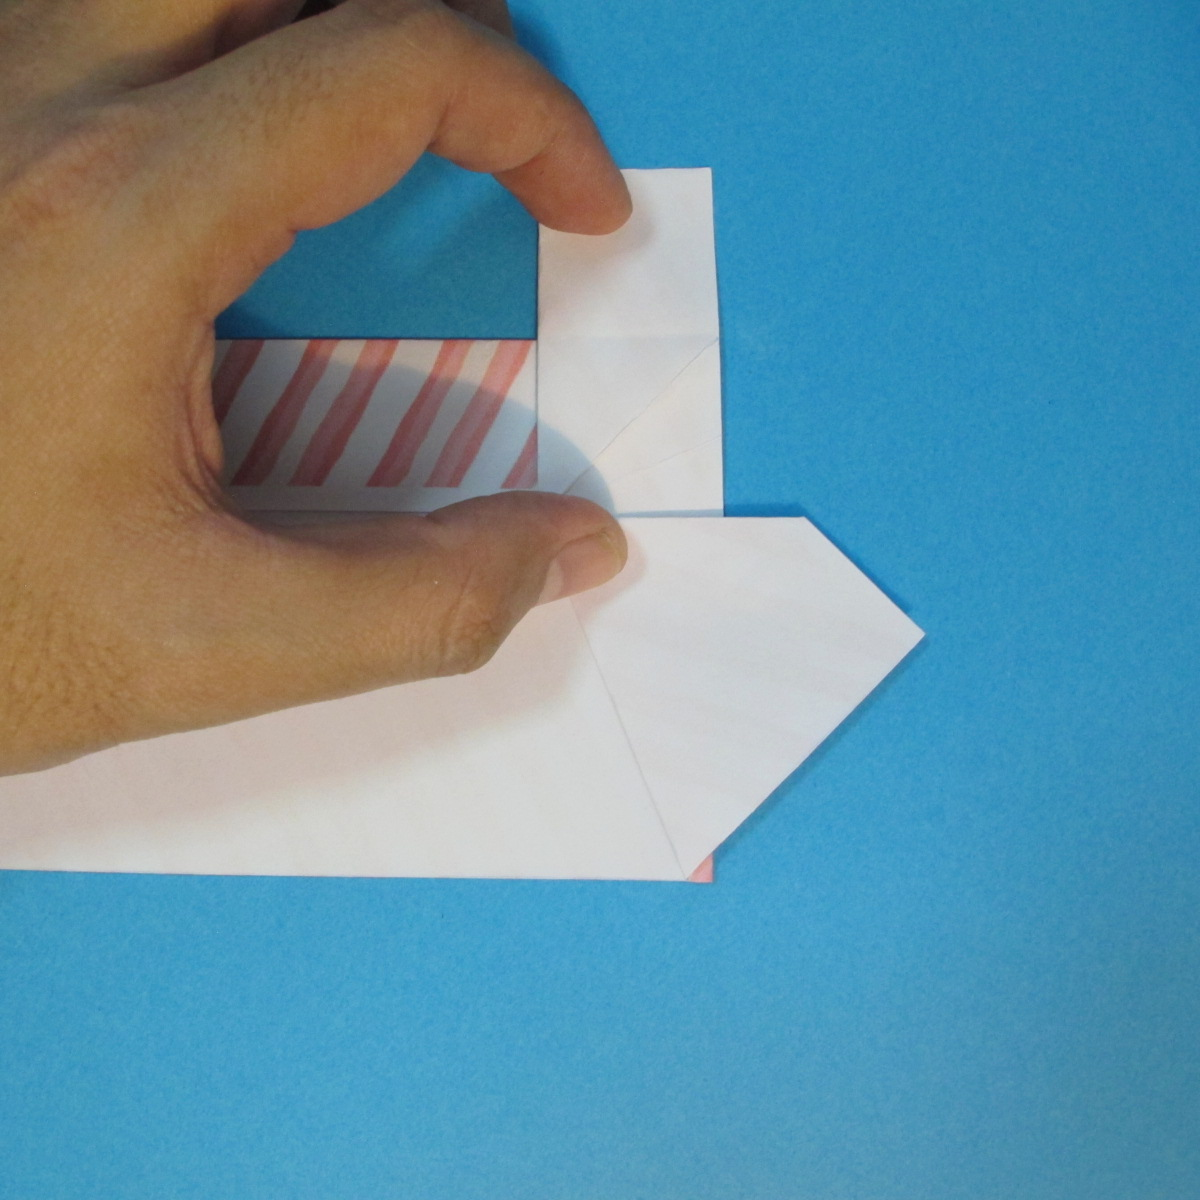 วิธีพับกล่องกระดาษรูปหัวใจส่วนฐานกล่อง 025